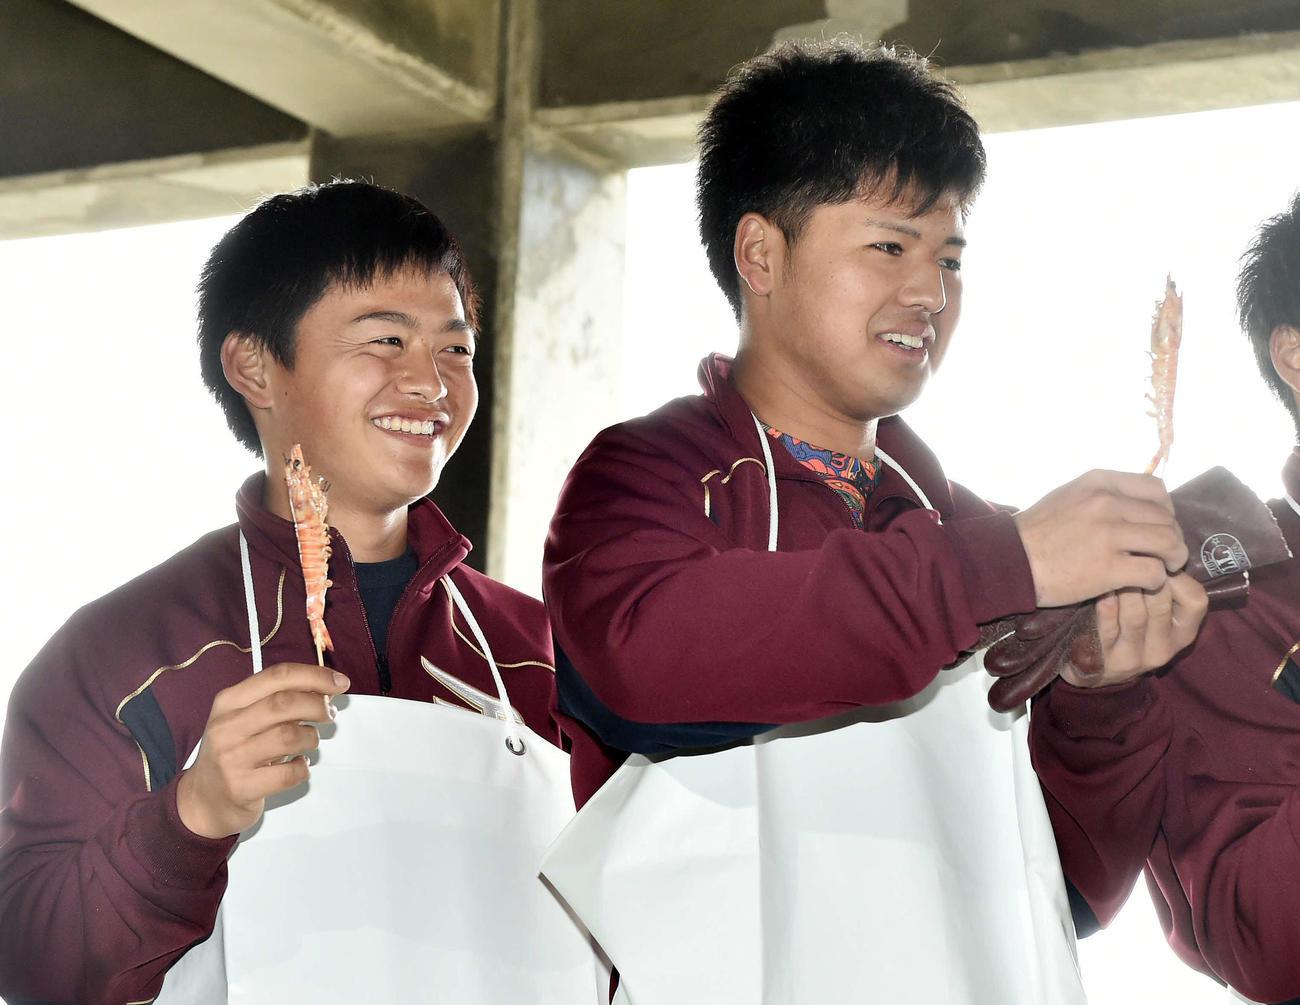 休日に車エビの養殖場を訪れた楽天黒川(右)と水上は焼きたてのエビを手に笑顔を見せる(撮影・滝沢徹郎)